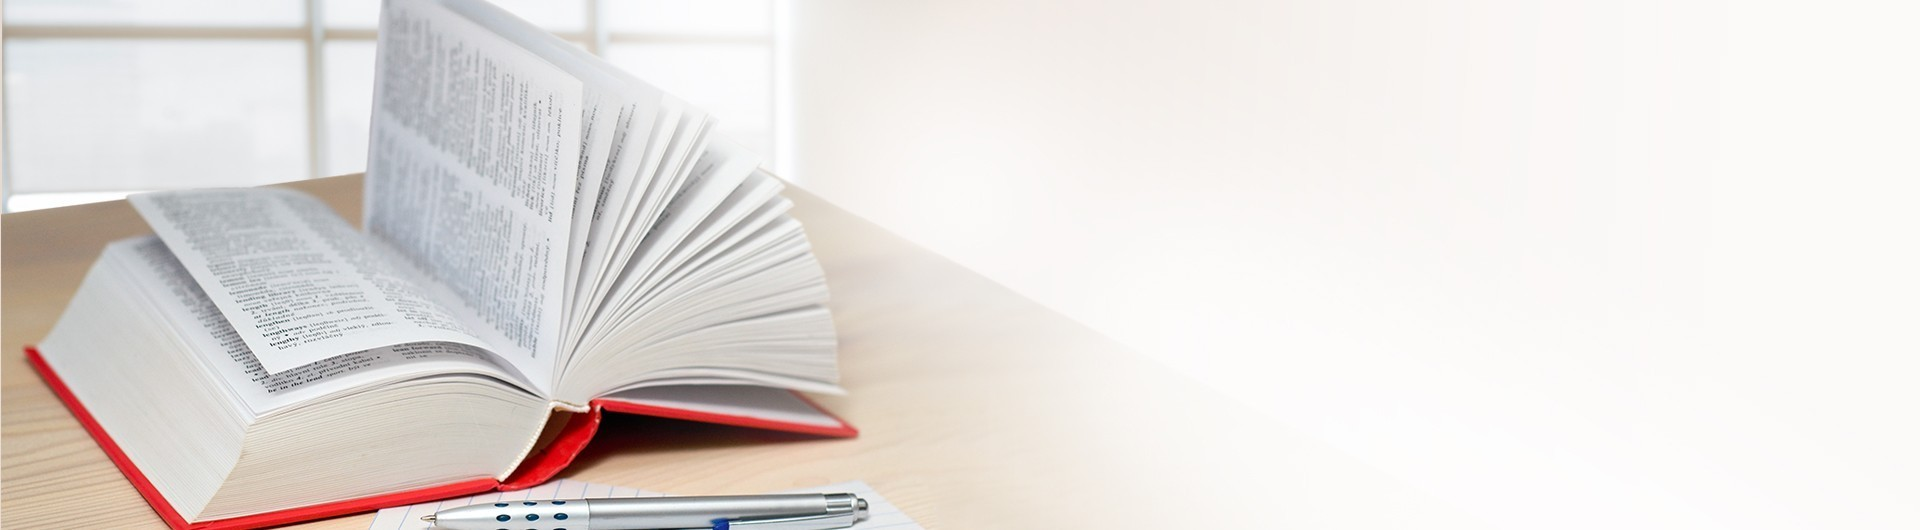 מילון מושגי קידום אתרים לבעלי עסקים